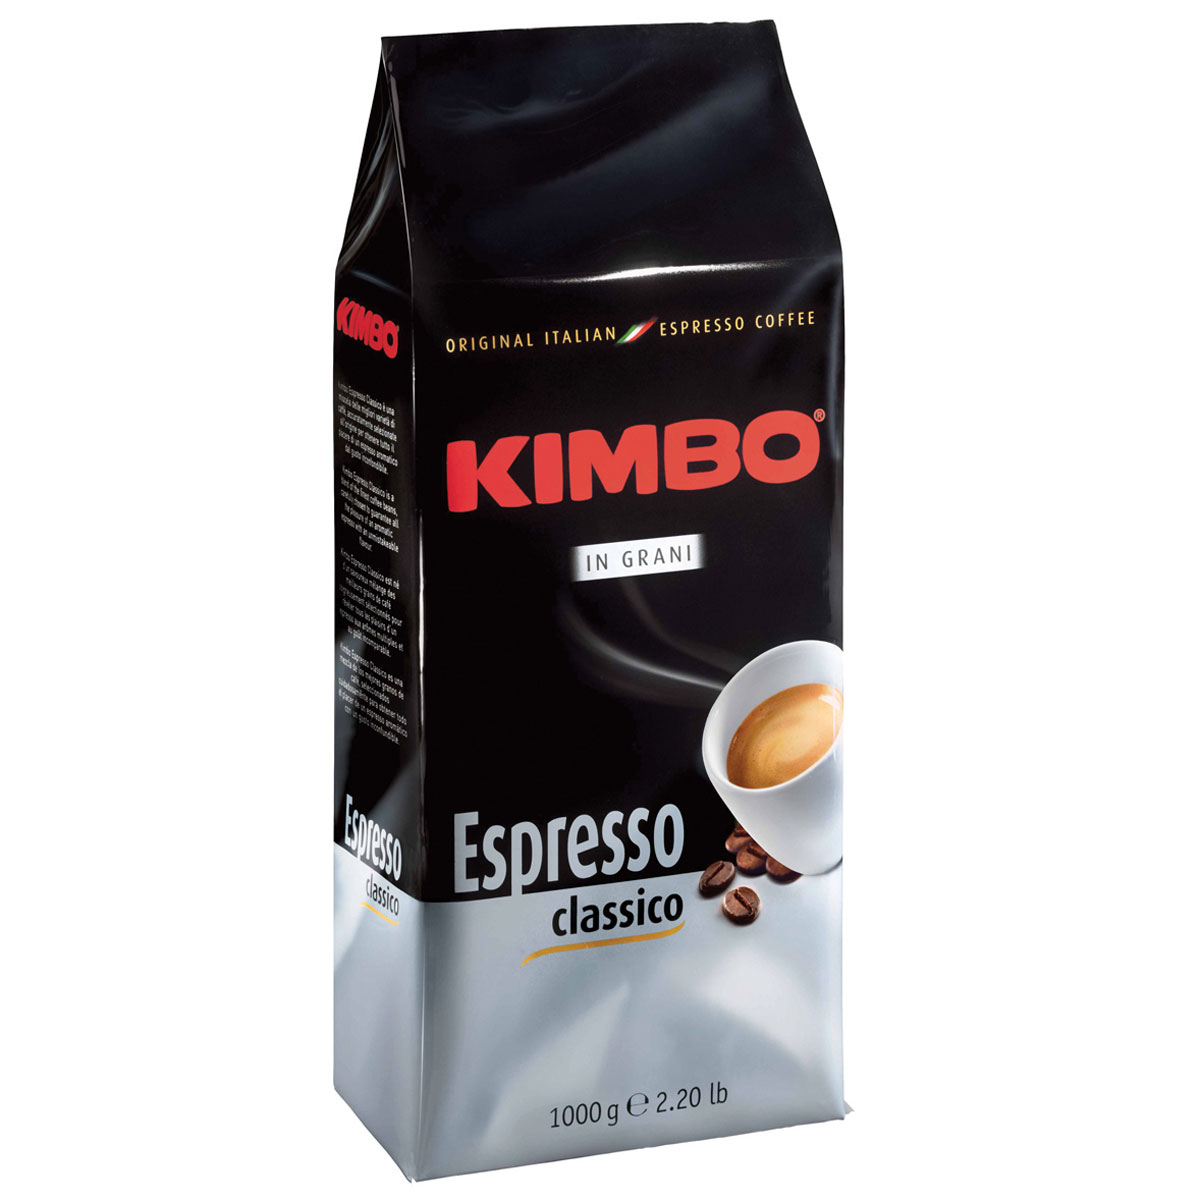 Kimbo Grani кофе в зернах, 1 кг101246Натуральный жареный кофе в зернах Kimbo Grani. Традиционная неаполитанская смесь арабики и робусты идеальна для любителей крепкого кофе с насыщенным вкусом. Состав смеси: 95% арабика, 5% робуста.